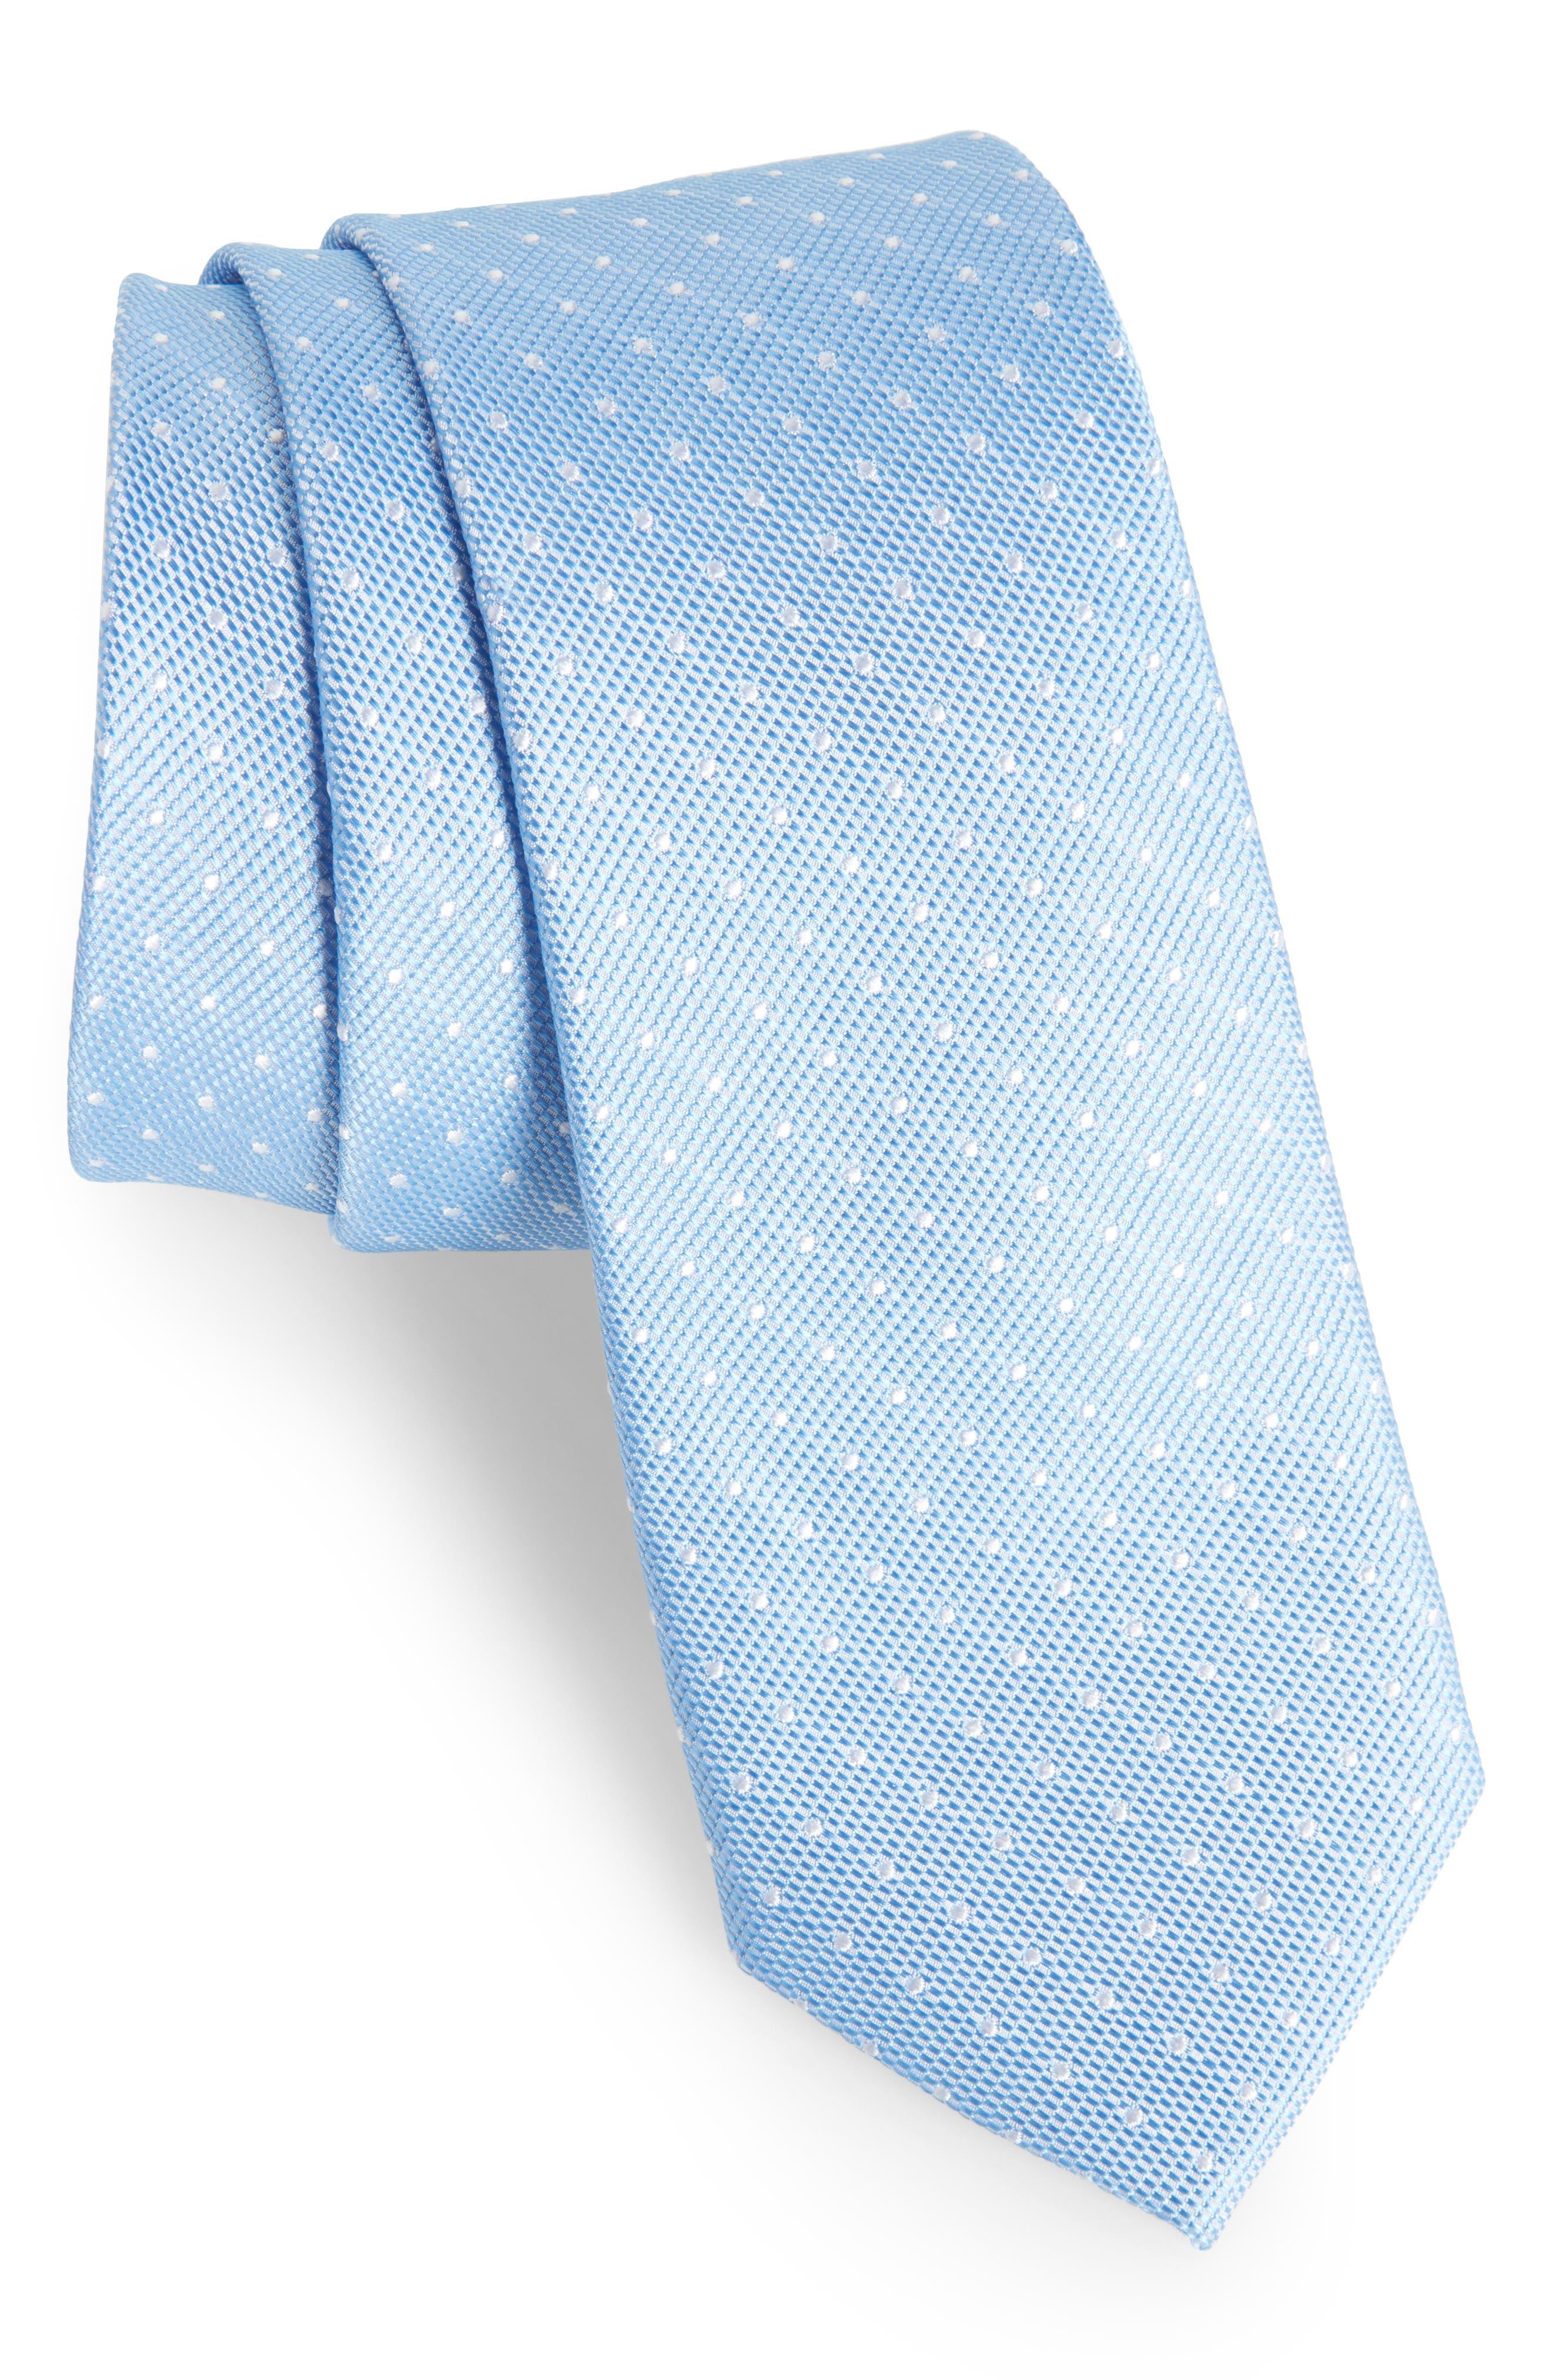 Paseo Dot Silk Skinny Tie,                         Main,                         color, 400